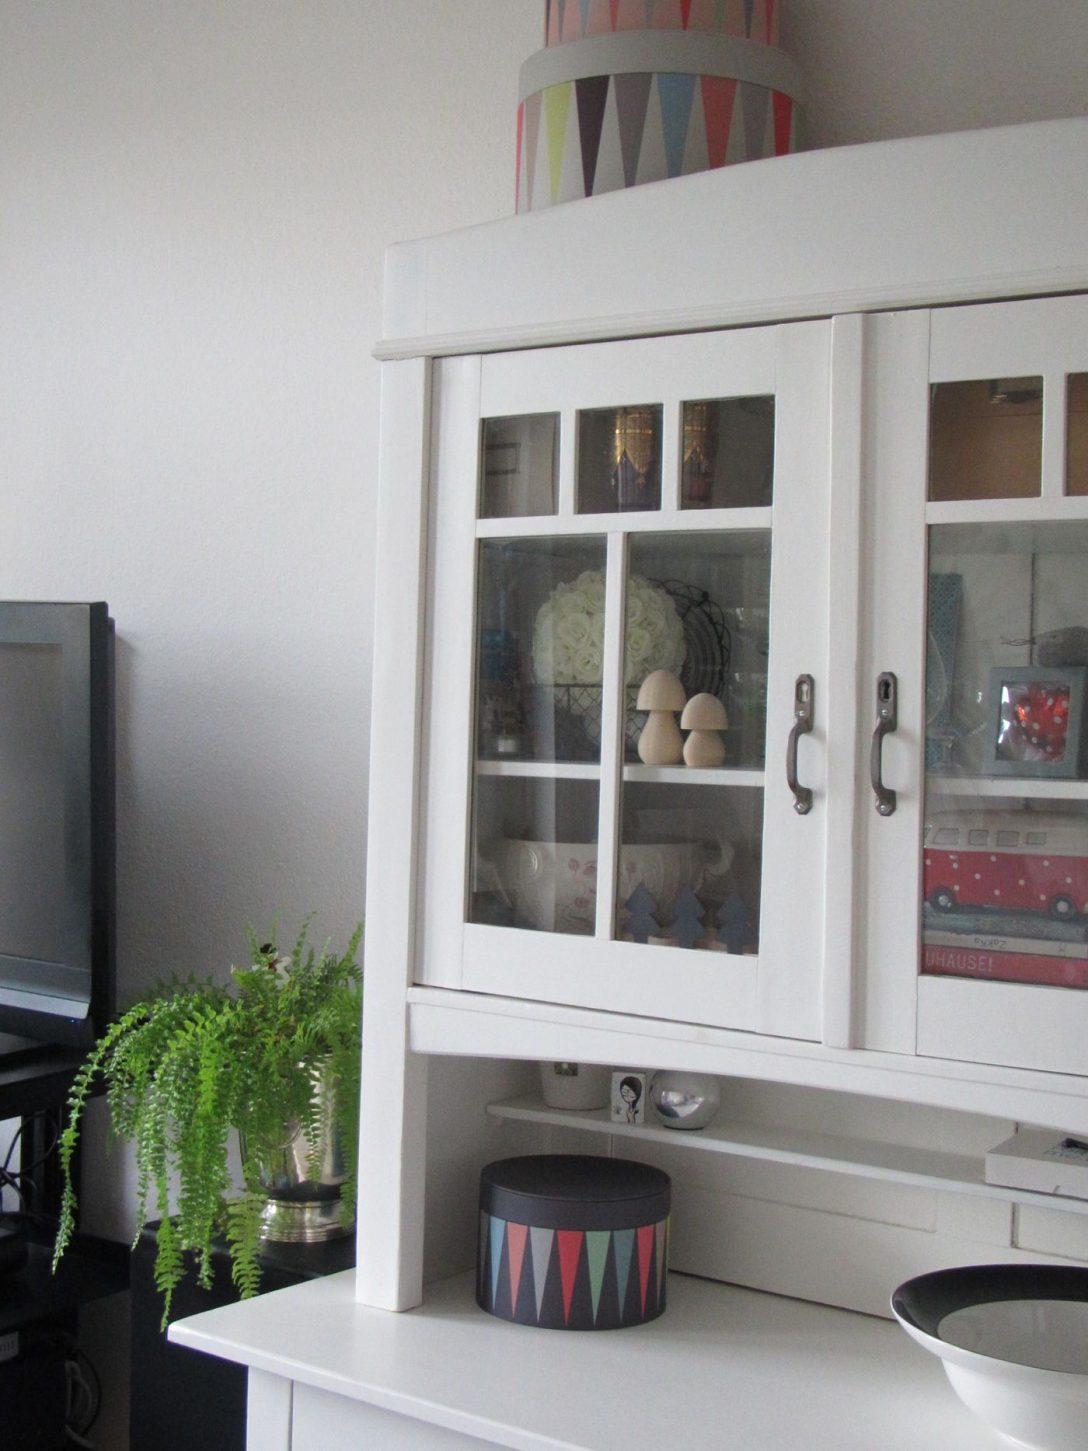 Full Size of Wohnzimmerschränke Ikea Wohnzimmerschrank Limitierte Lieblingskollektion Von Brkig Miniküche Küche Kosten Betten 160x200 Bei Kaufen Sofa Mit Schlaffunktion Wohnzimmer Wohnzimmerschränke Ikea